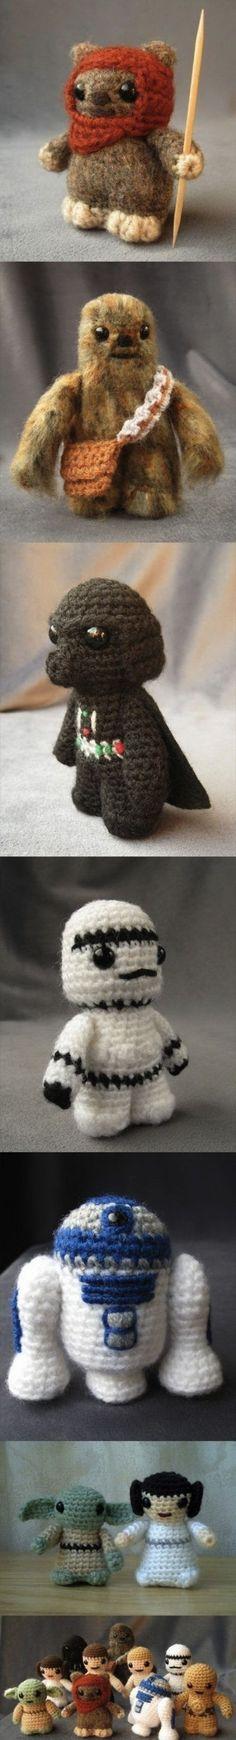 Crochet Star Wars - so cute!